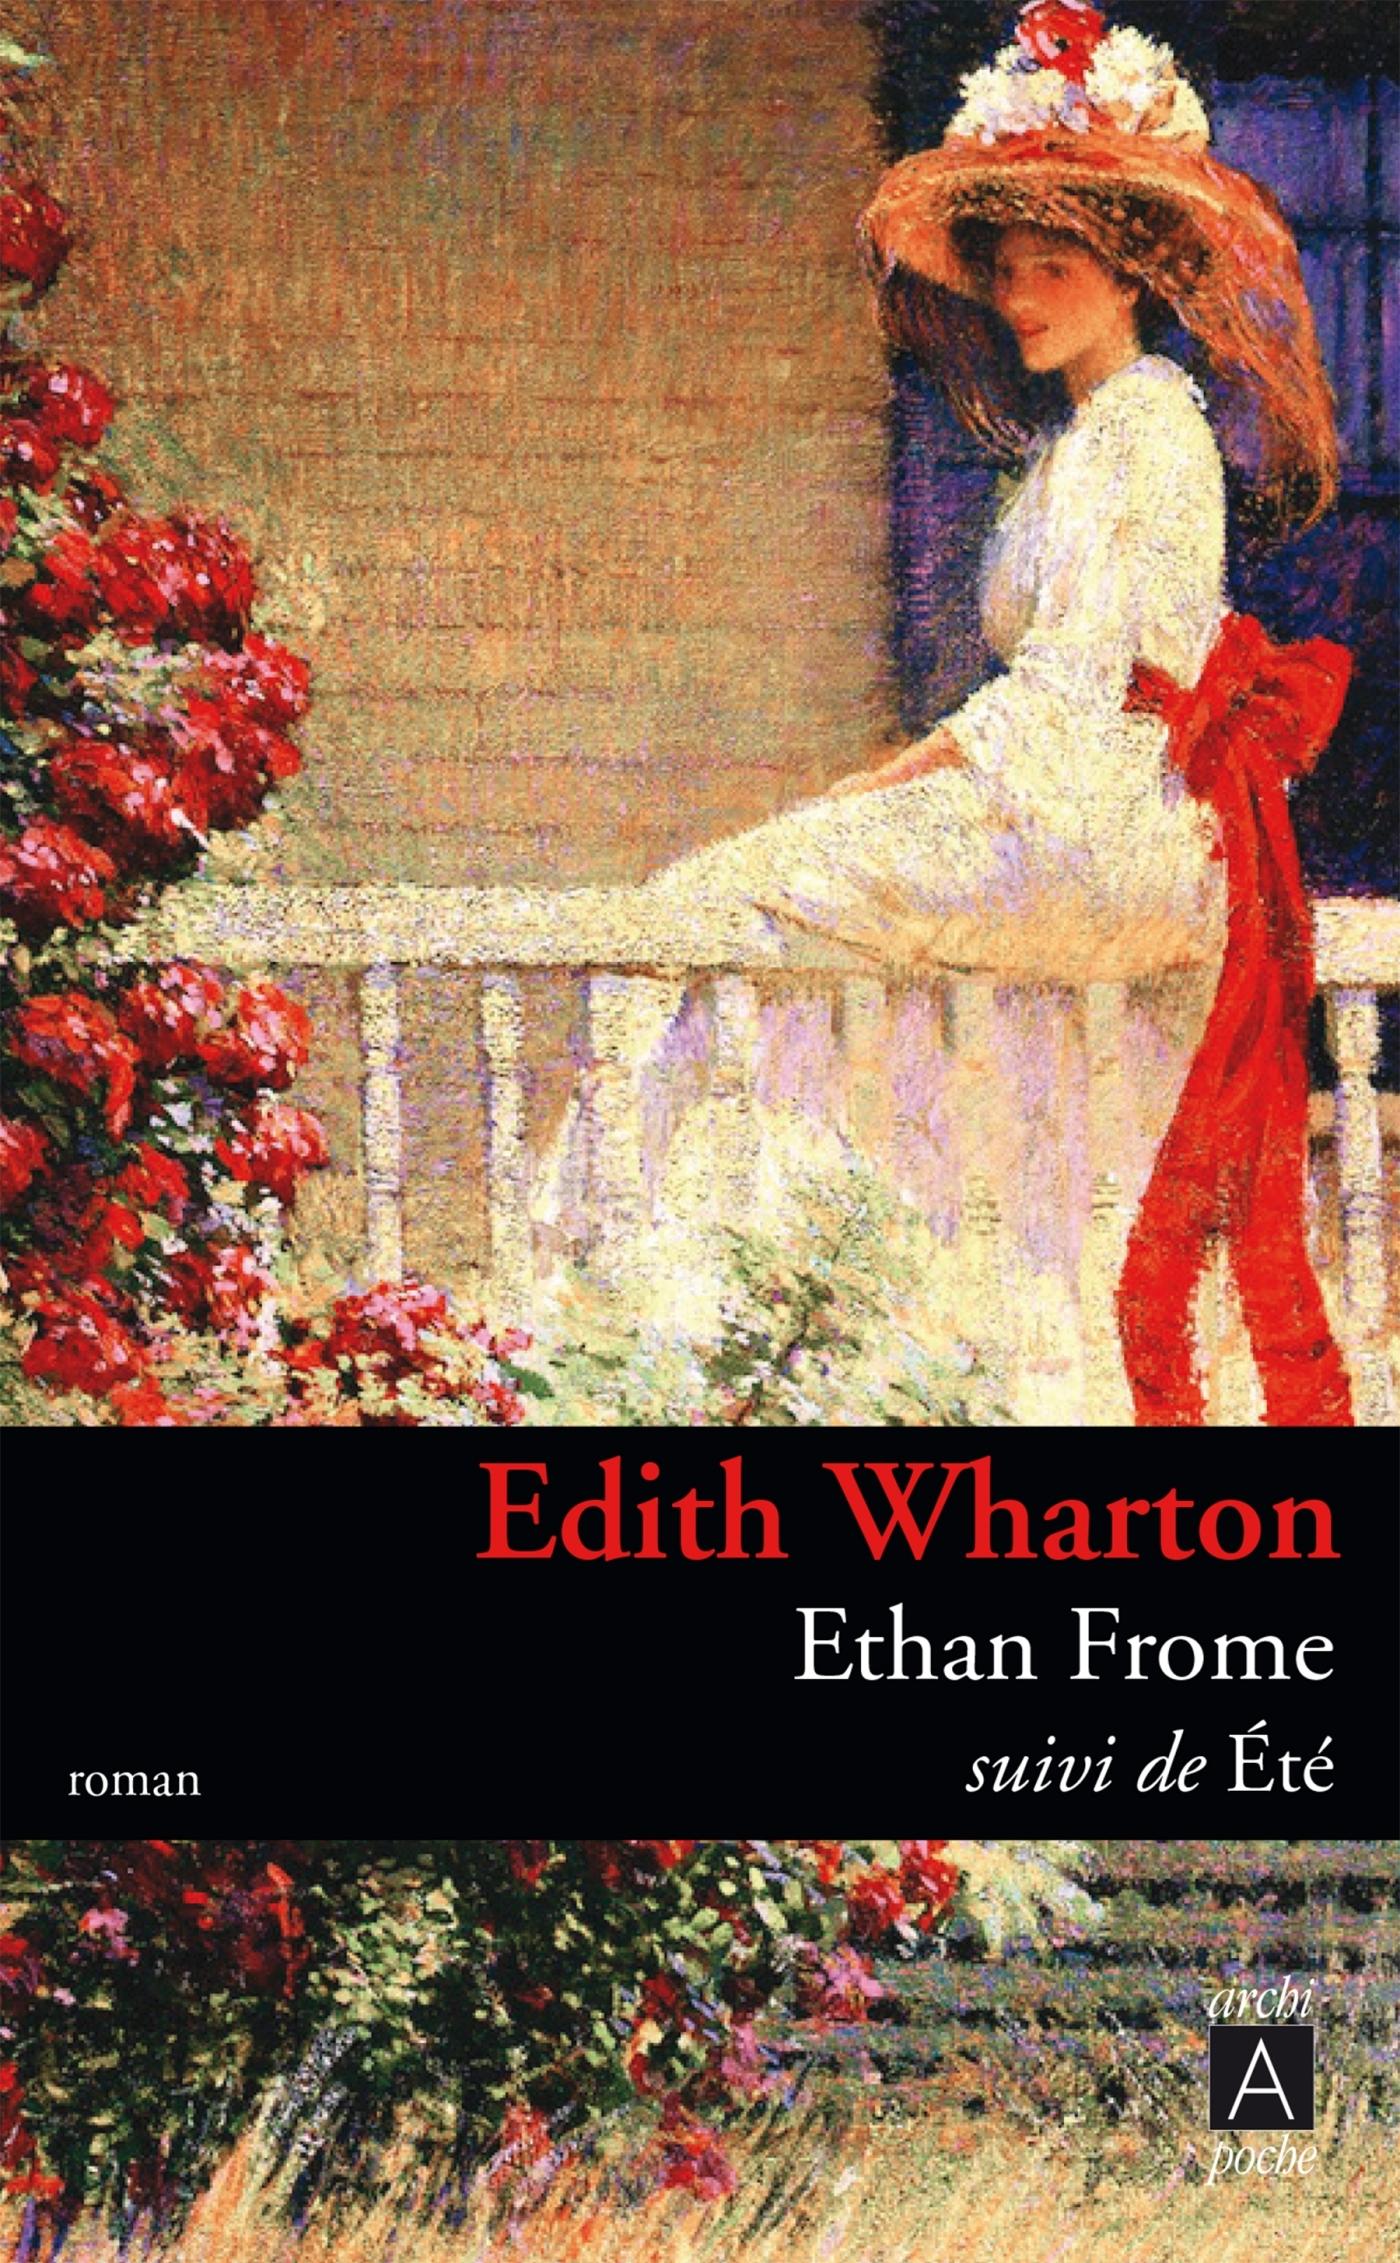 ETHAN FROME - SUIVI DE ETE